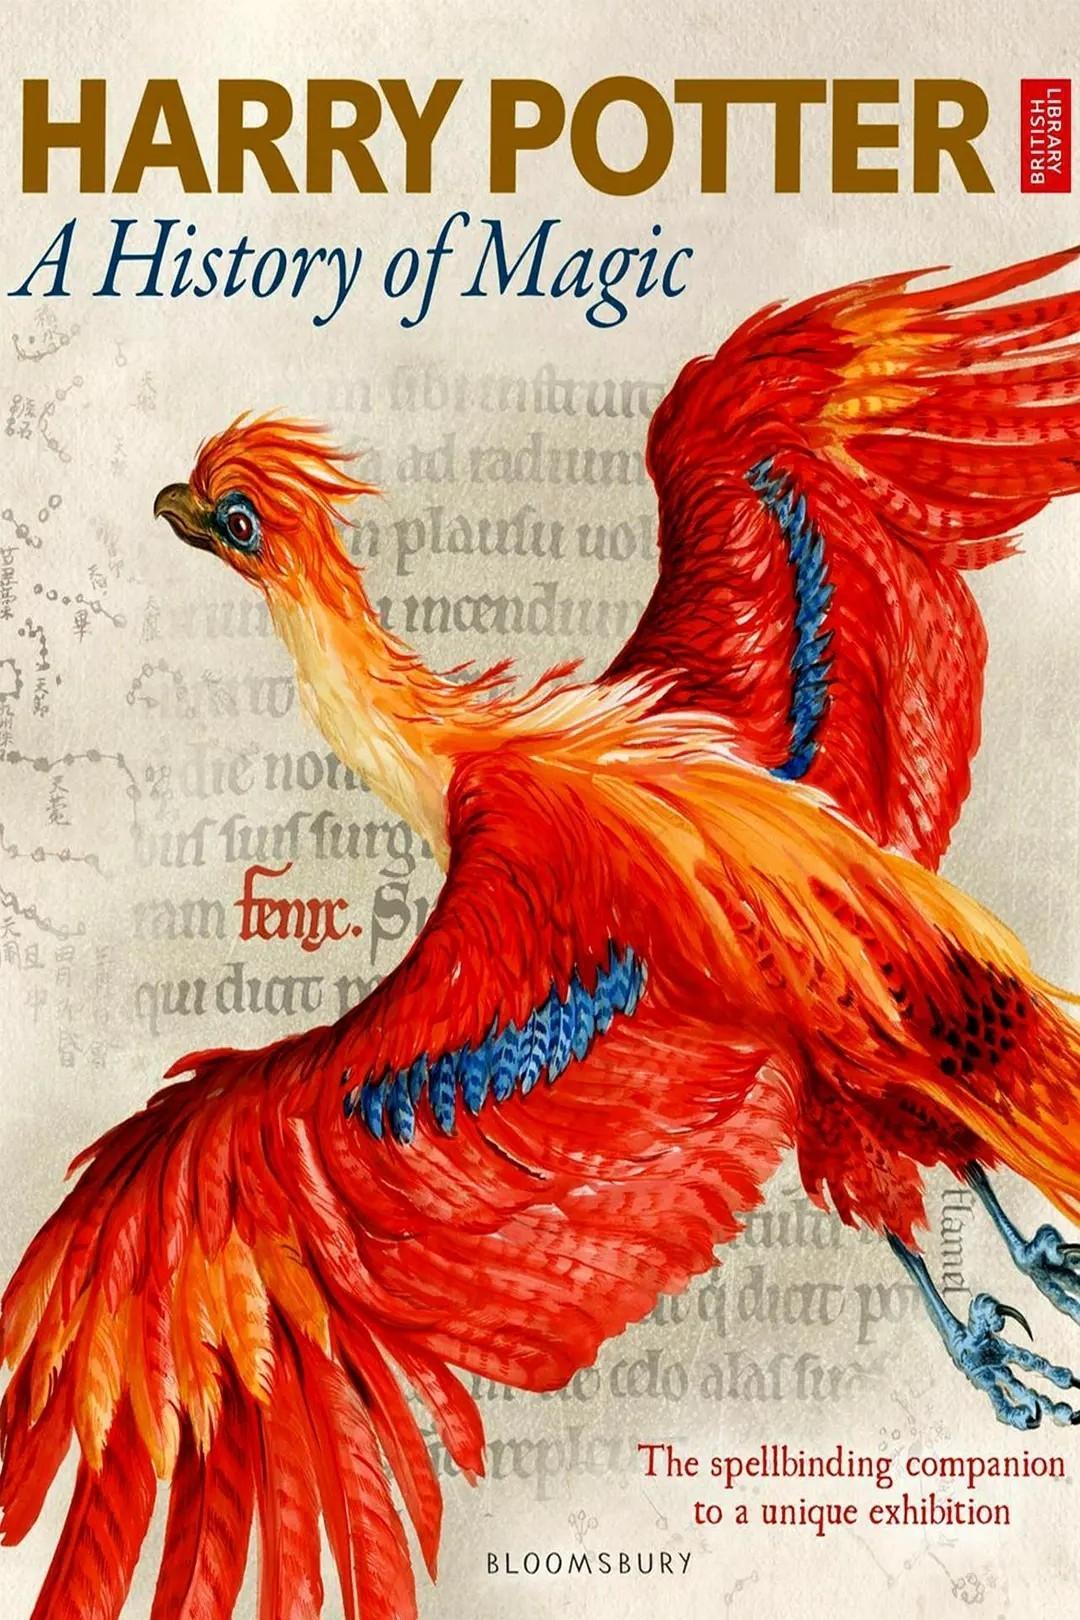 哈利·波特:一段魔法史 电影海报